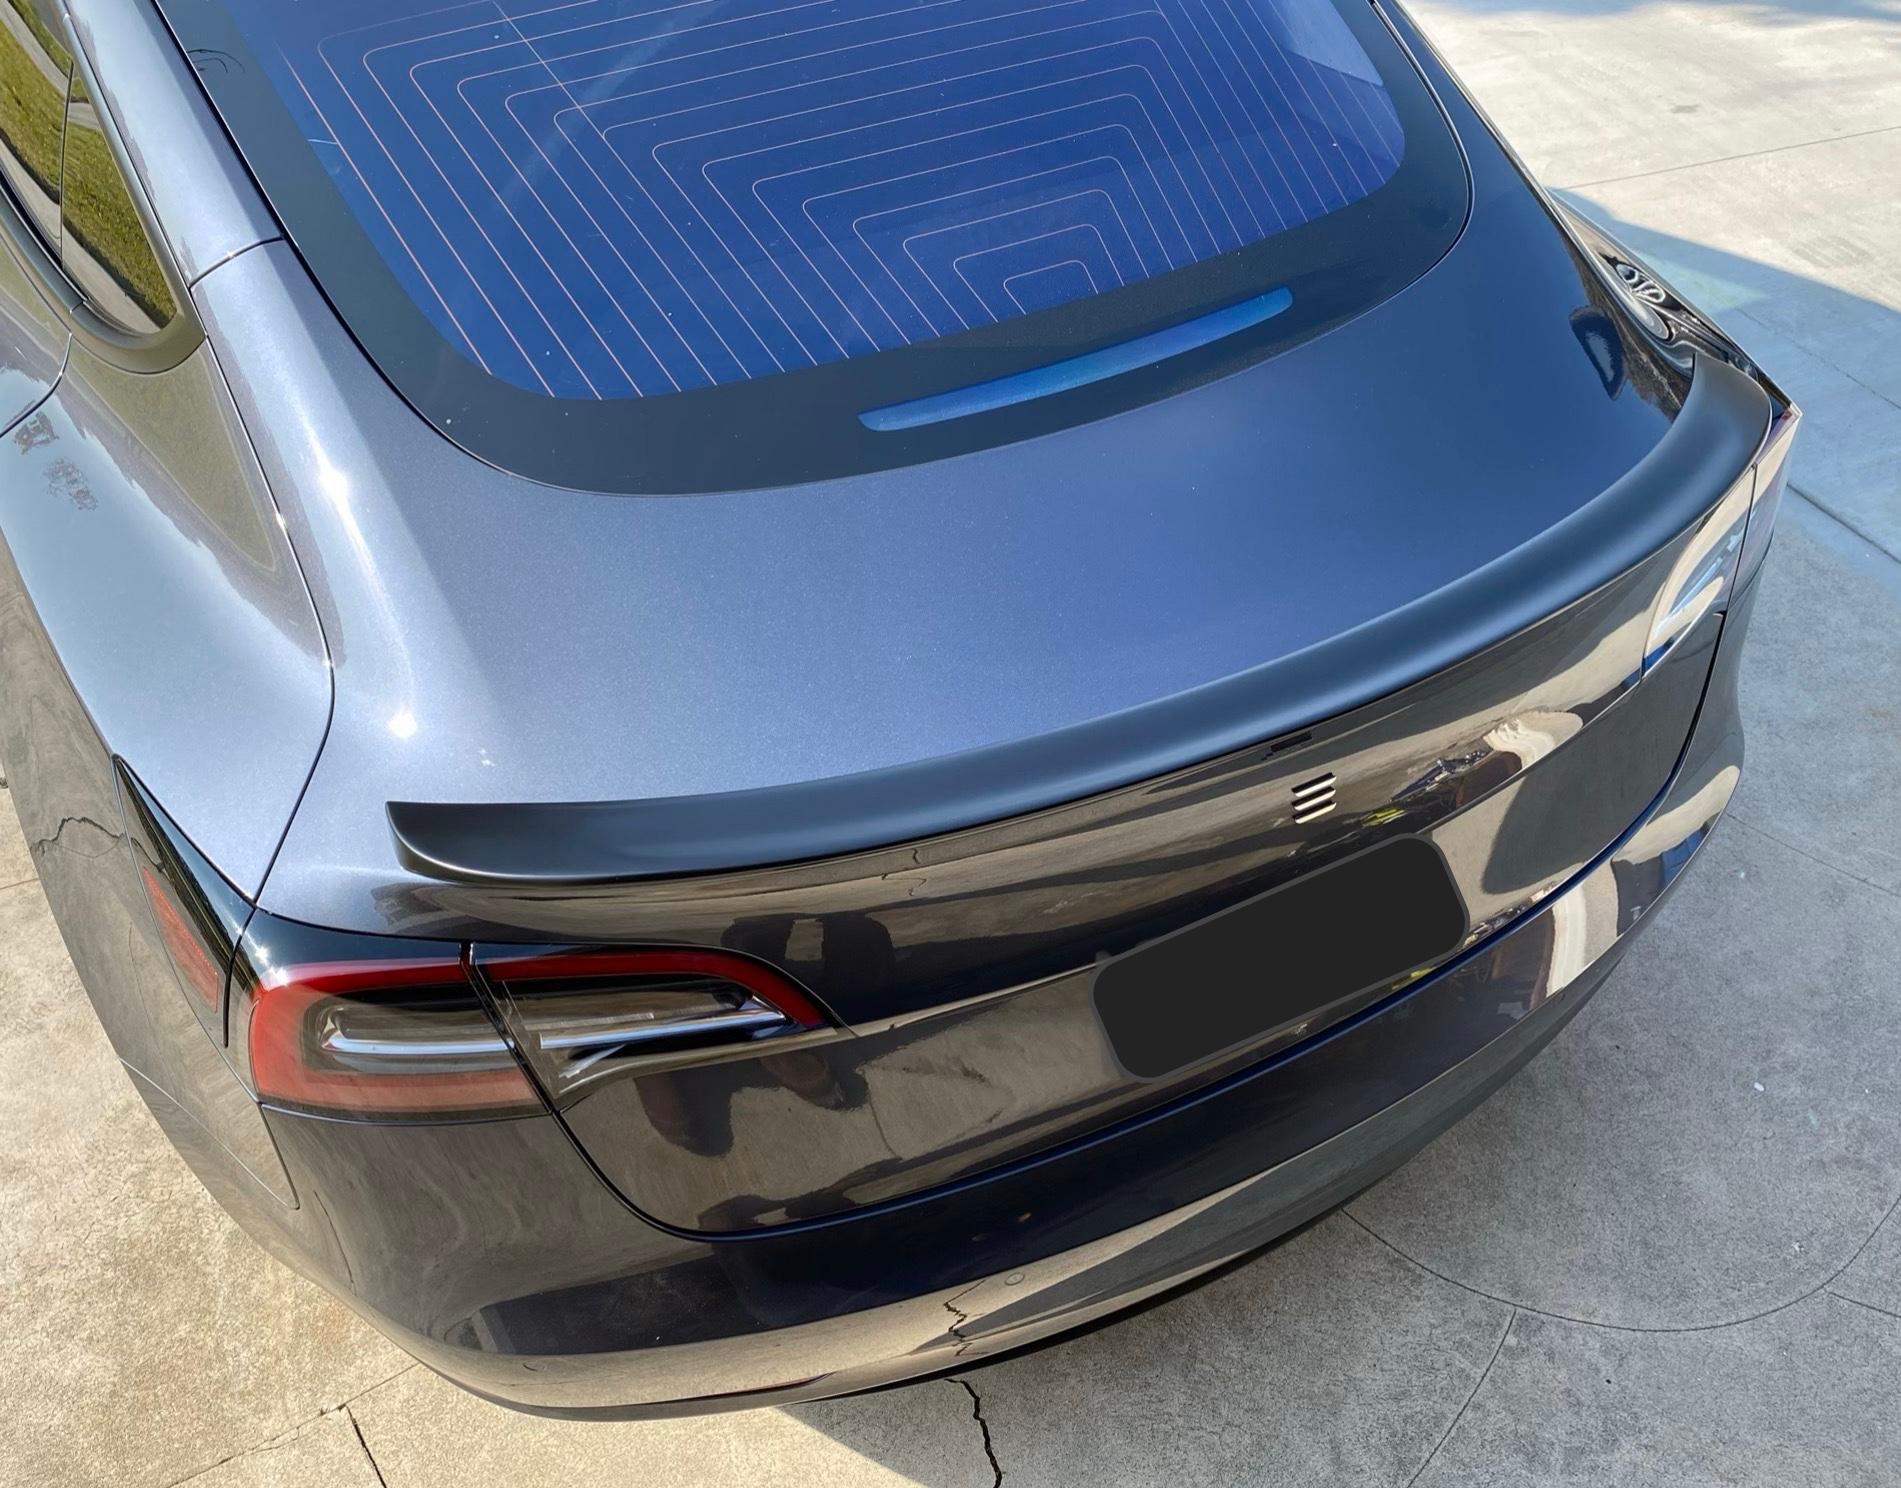 IKON Spoiler for Model 3 (4).jpg